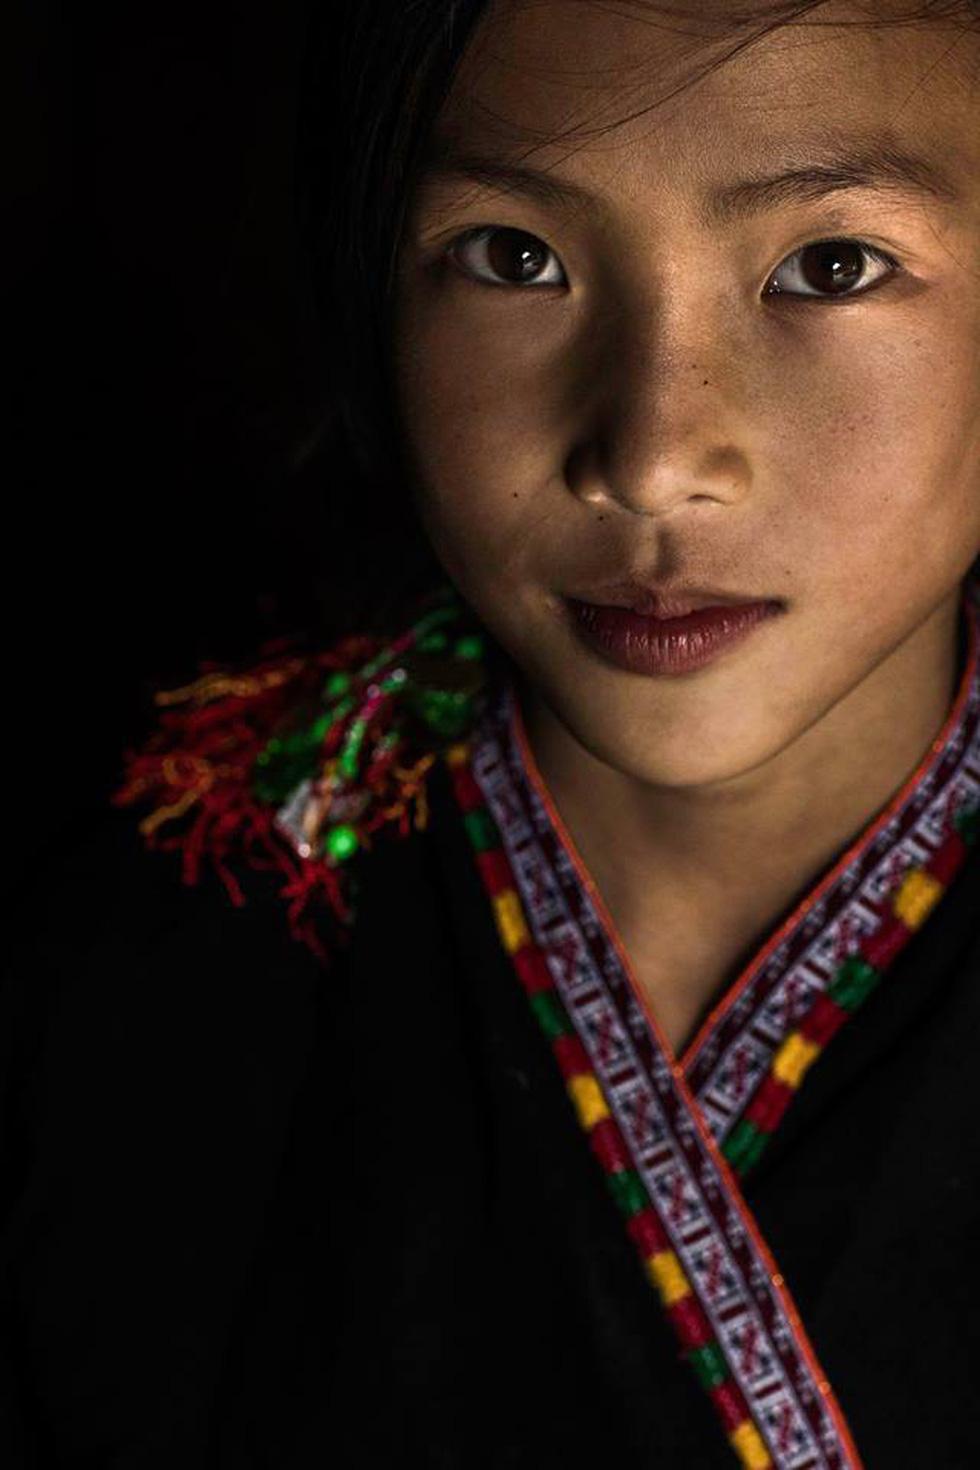 Nhiếp ảnh gia Pháp được vinh danh khi tôn vinh văn hóa Việt - Ảnh 10.